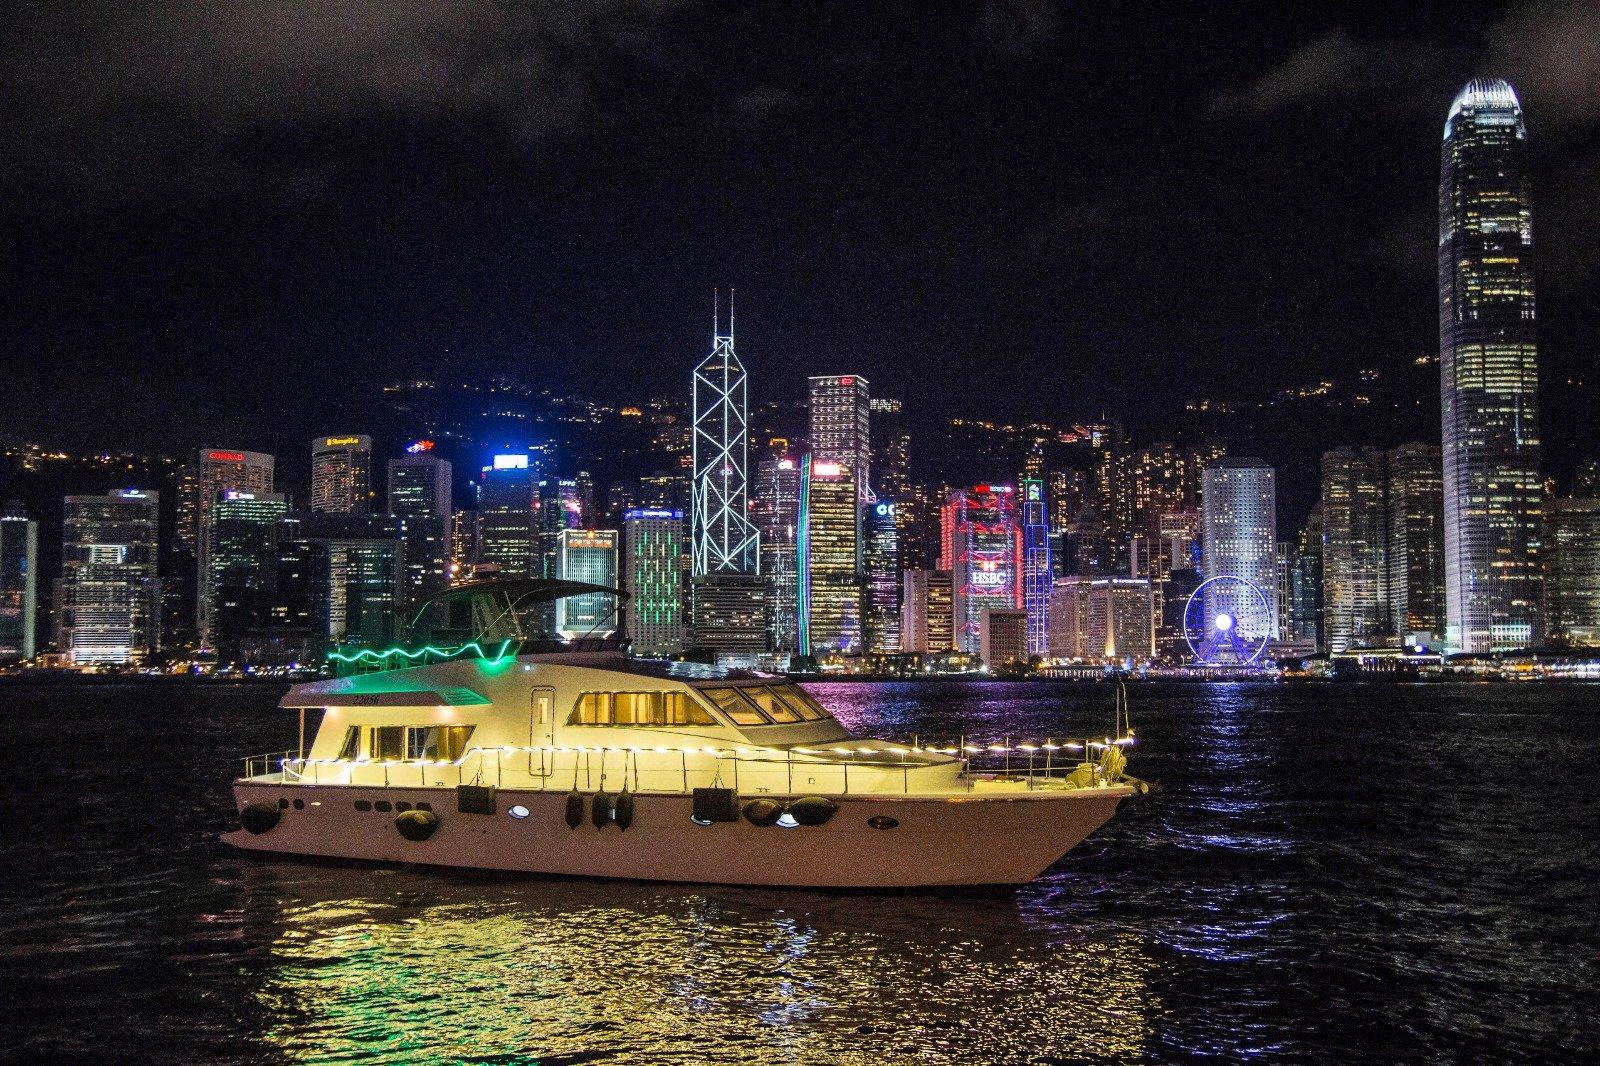 Oceangogo-夜遊維多利亞港 + 幻彩詠香江